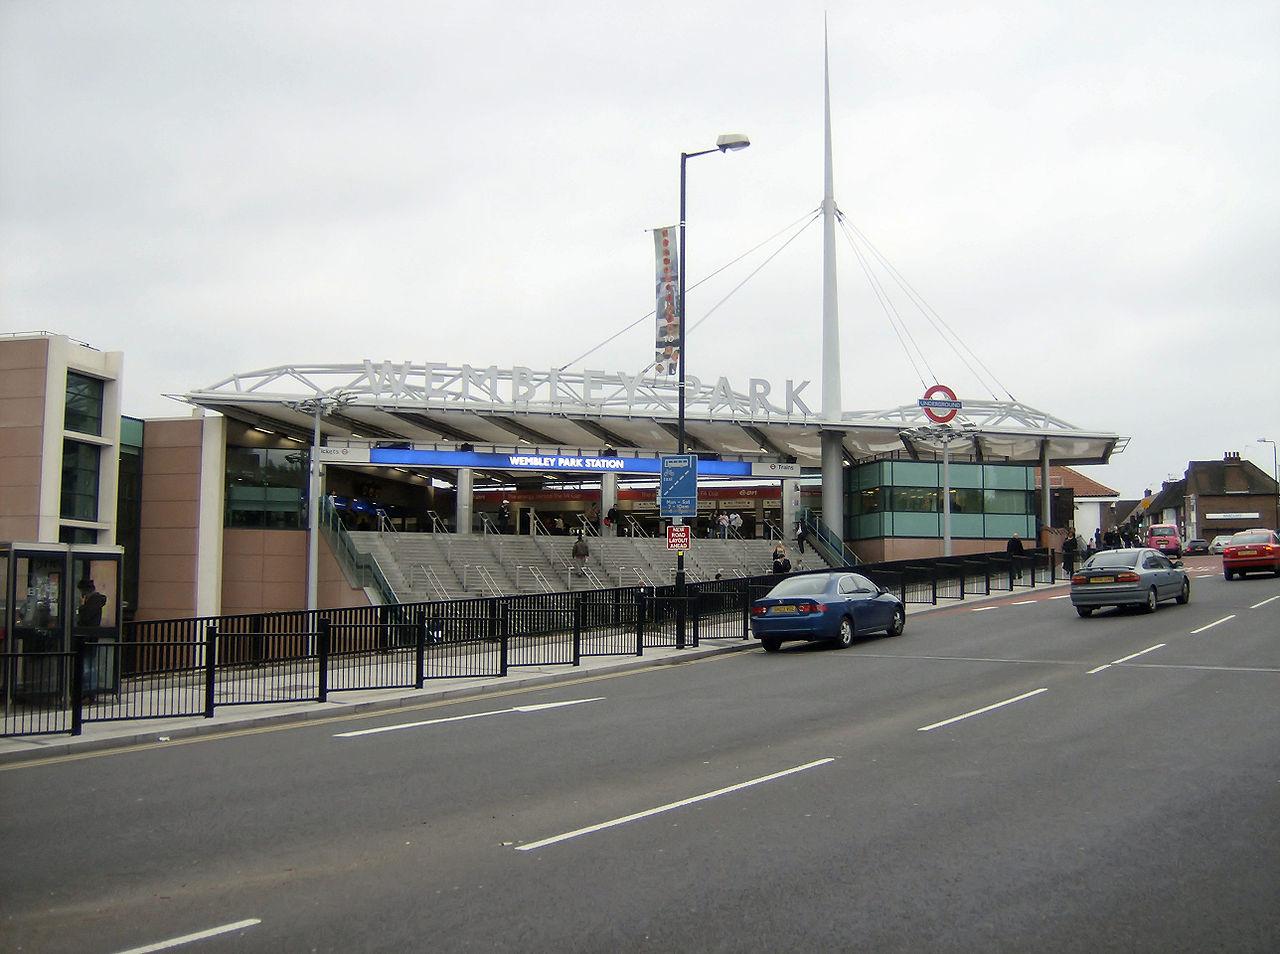 Wembley Park Tube Station Car Park